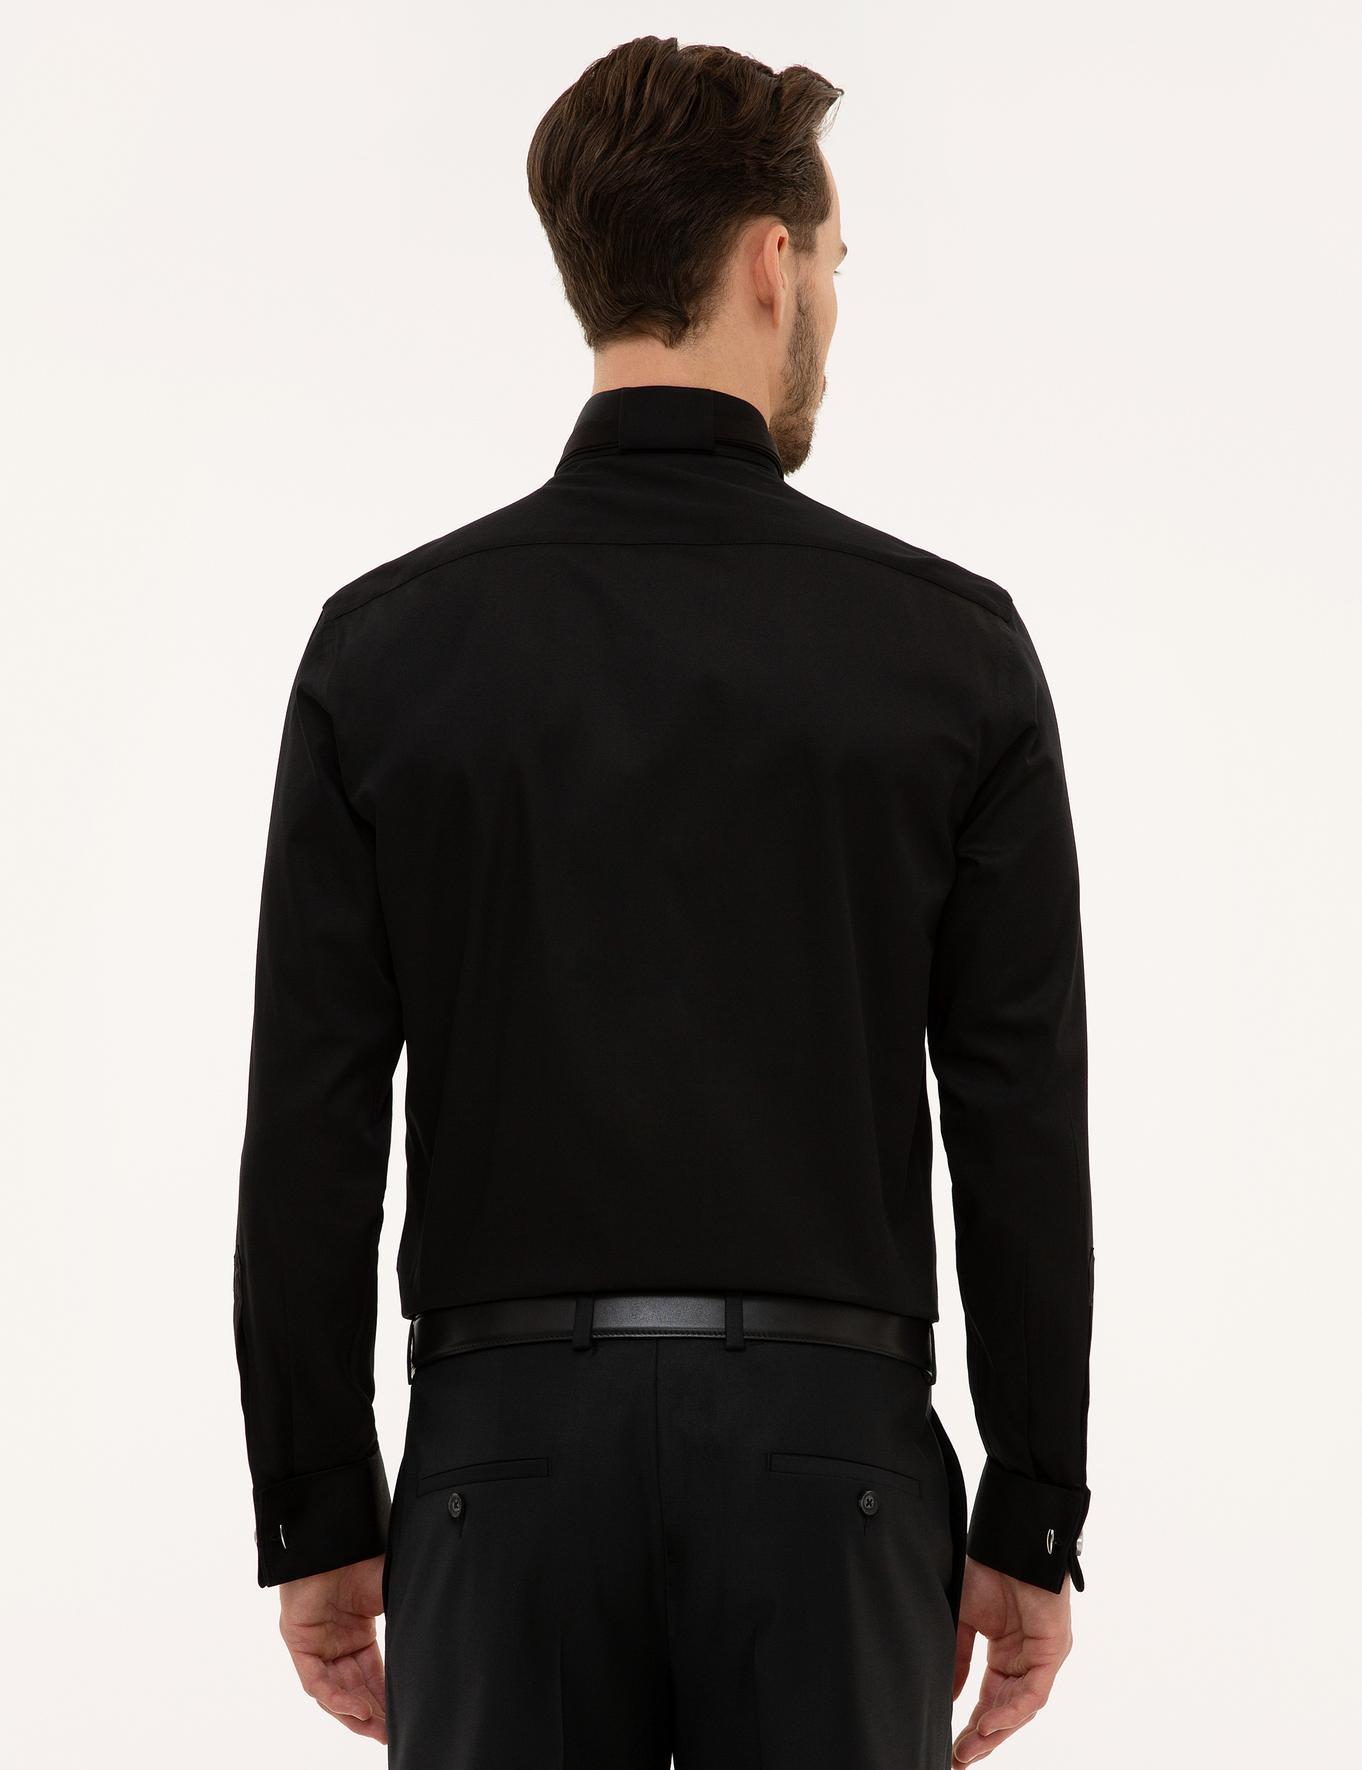 Siyah Slim Fit Smokin Gömlek